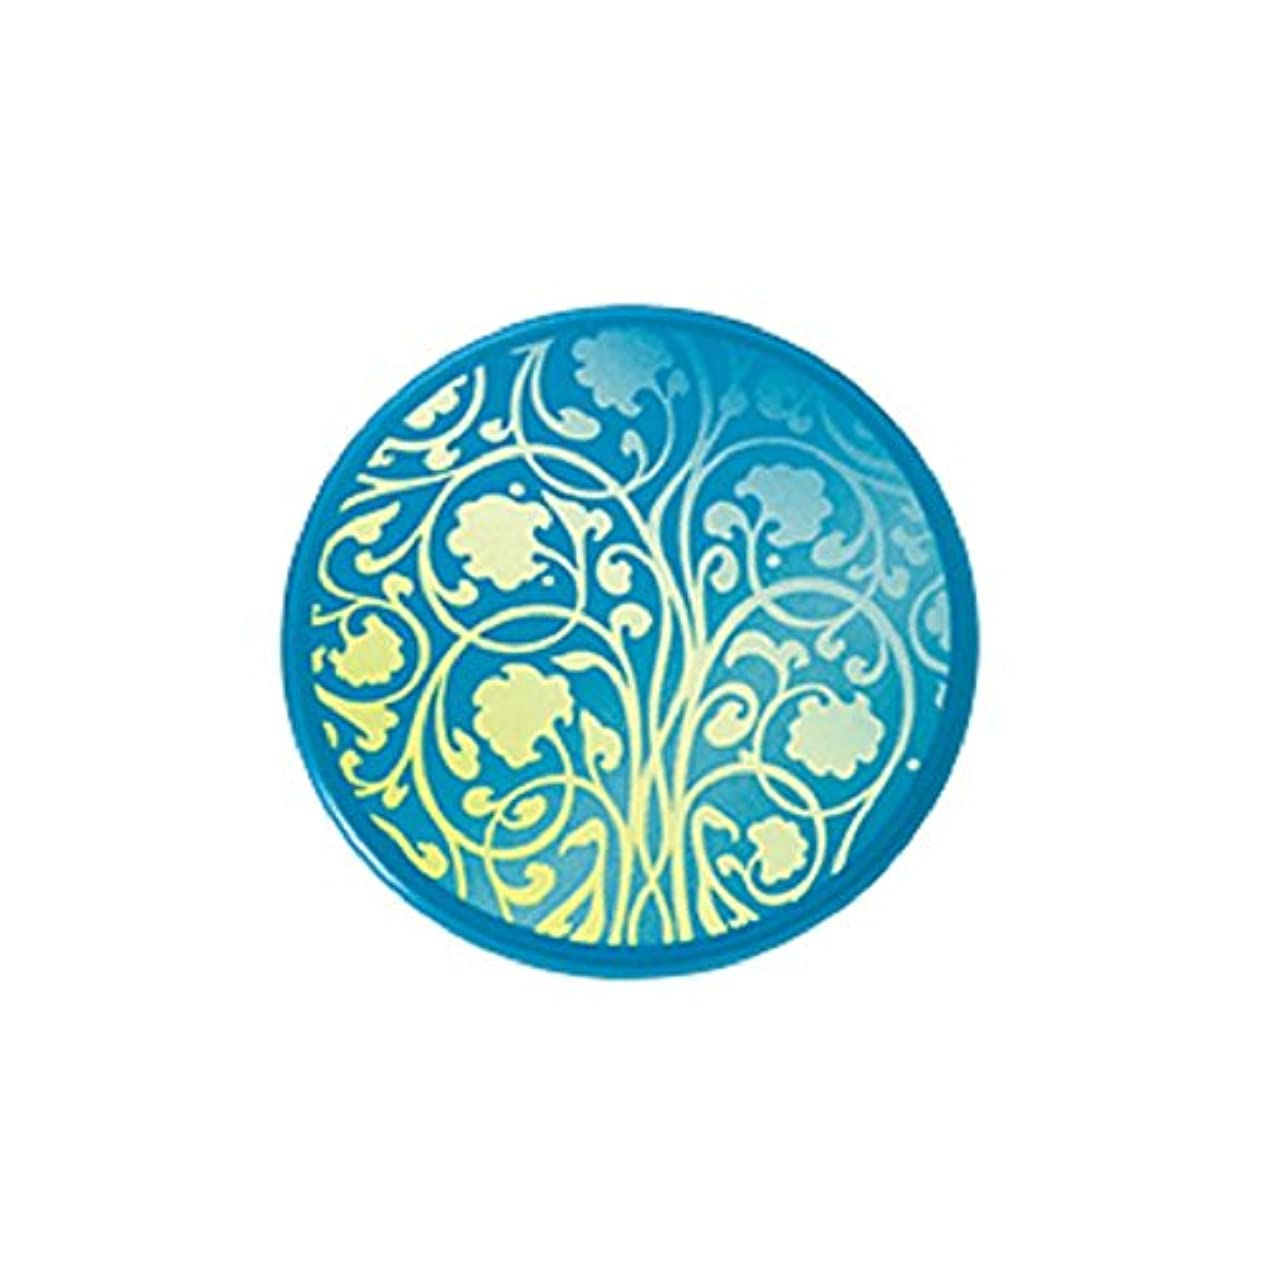 ゴシップブルーベル粉砕するアユーラ (AYURA) ウェルフィット アロマバーム 14g 〈ソリッドパヒューム〉 心地よい森林の香気